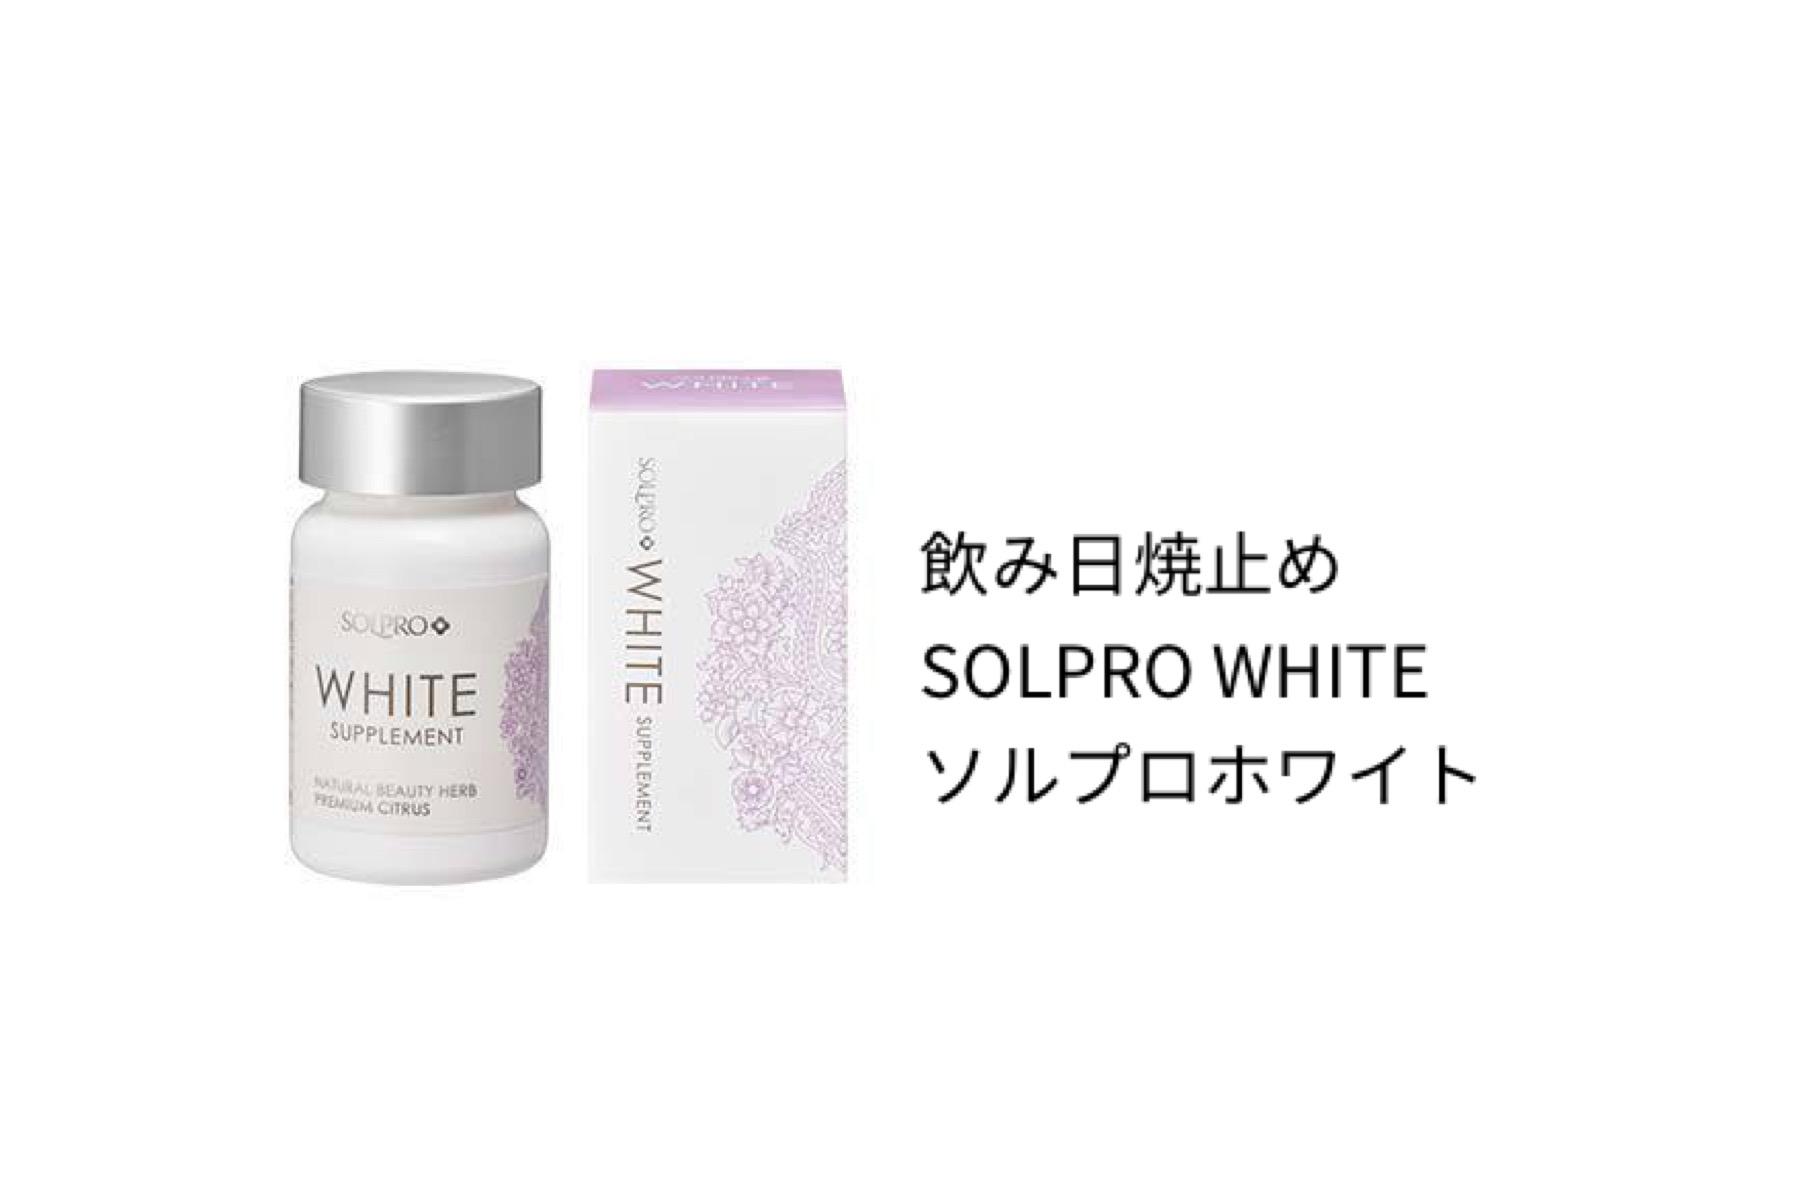 SOLPRO WHITE(ソルプロプリュスホワイト)